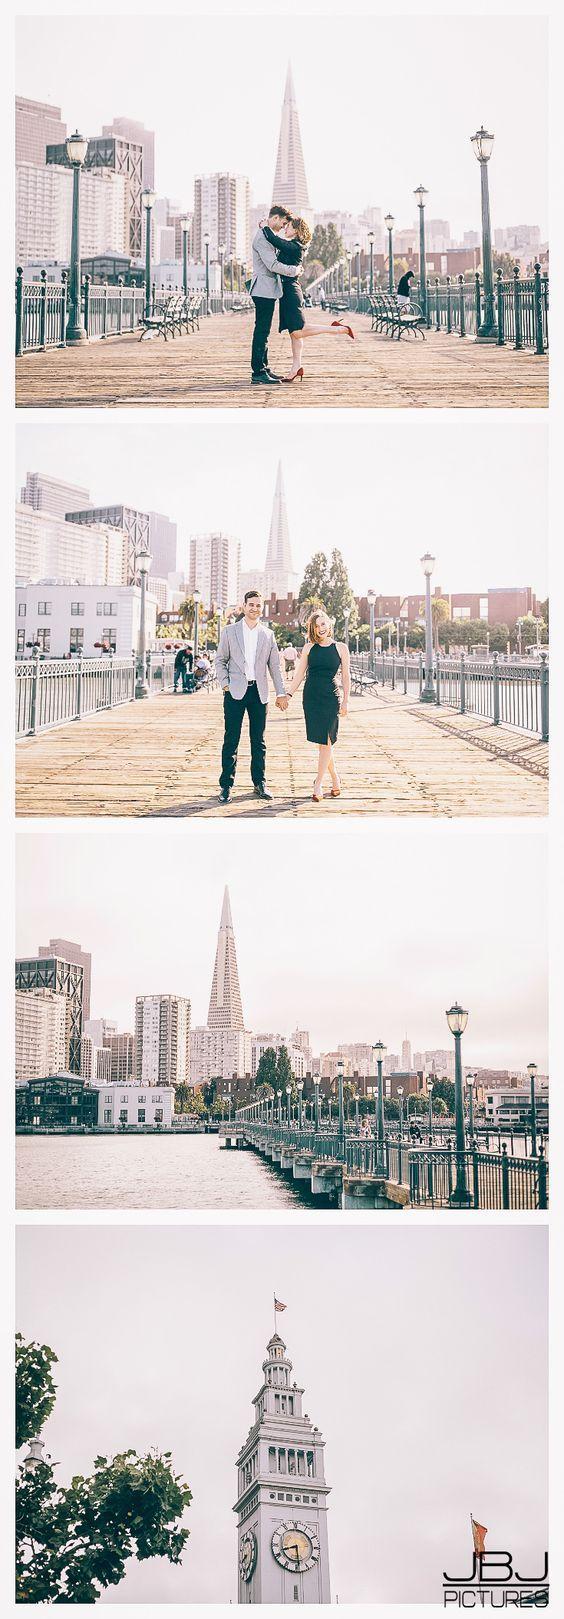 San Francisco Engagement Session Photos at Embarcadero